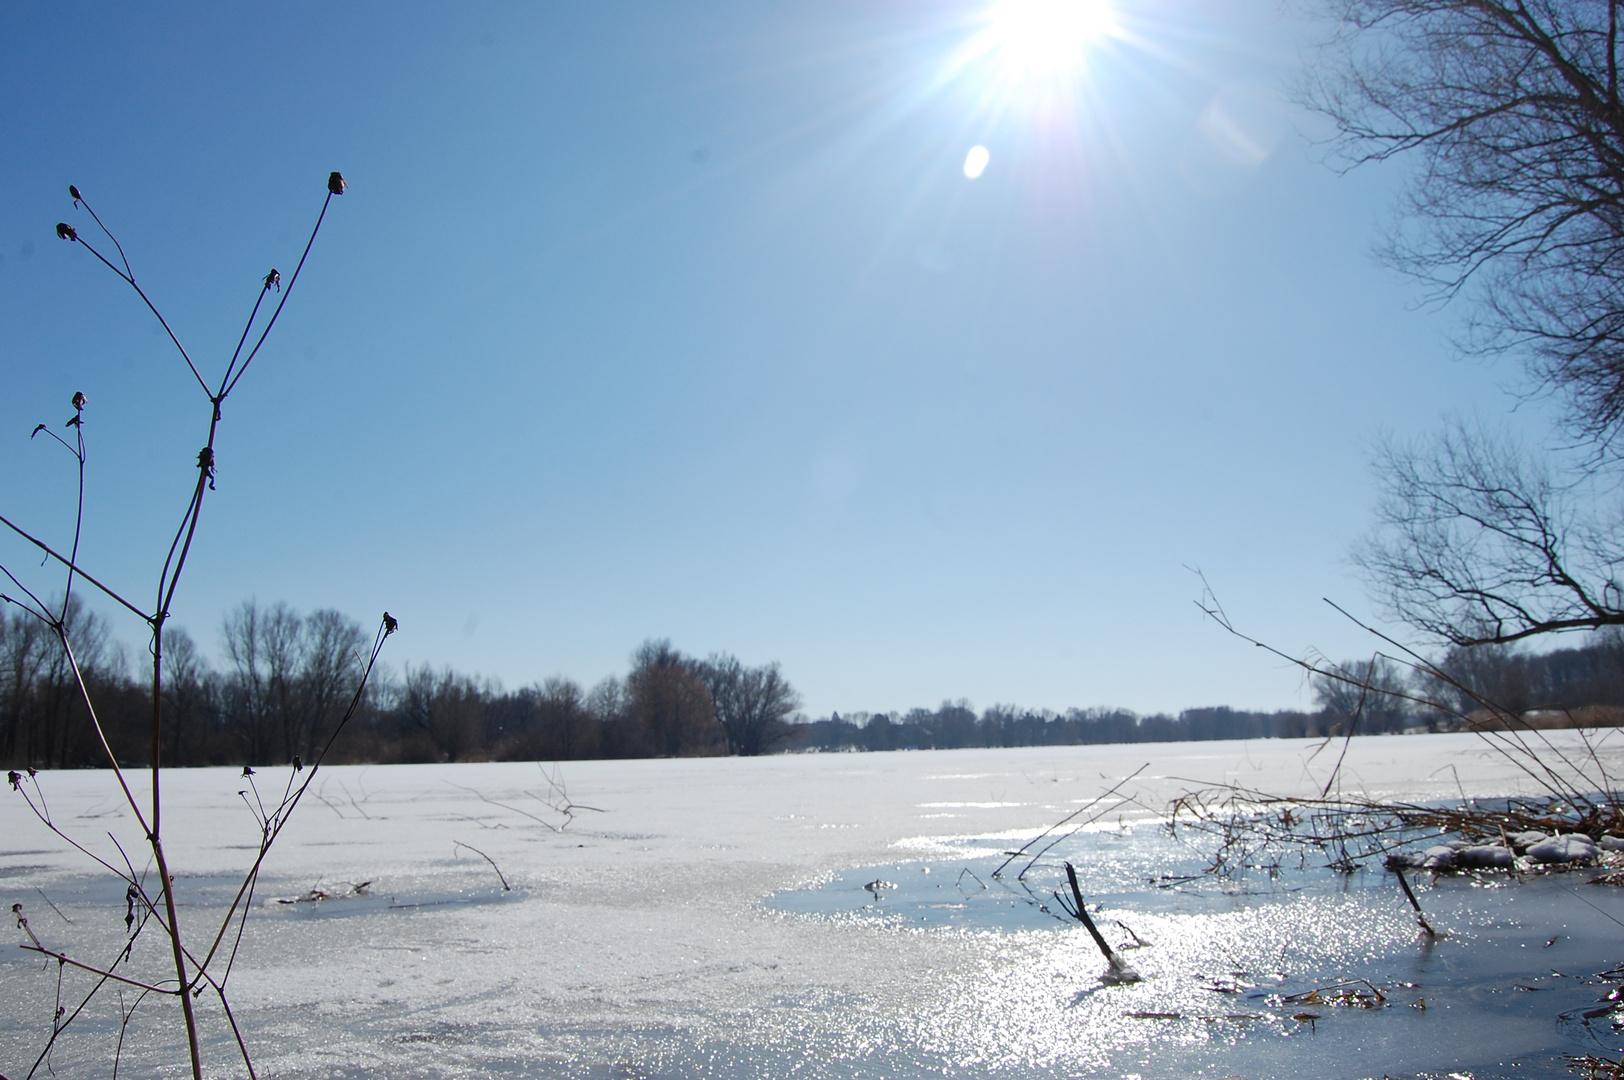 sonniges Winterbild